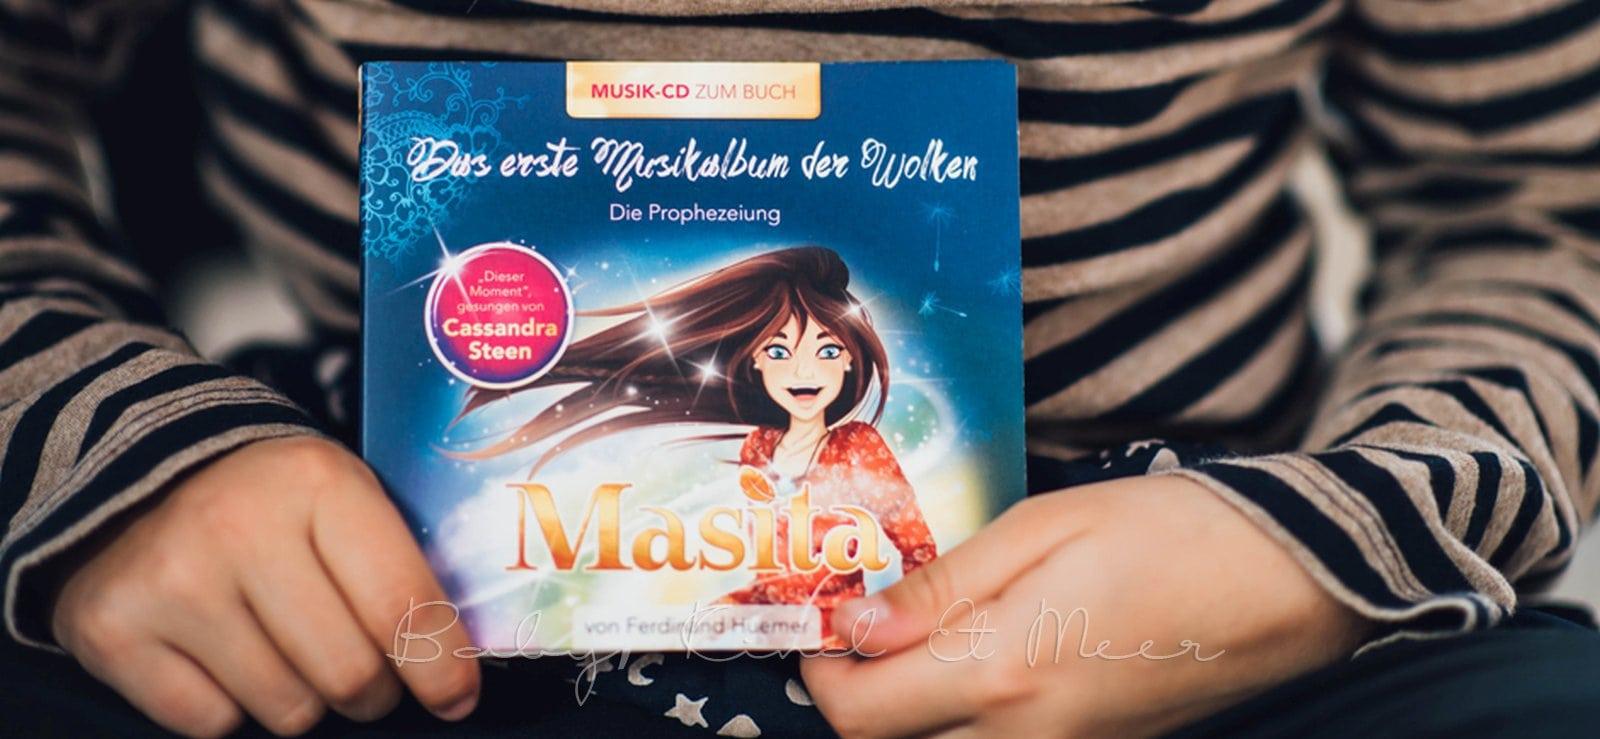 Masita Musik